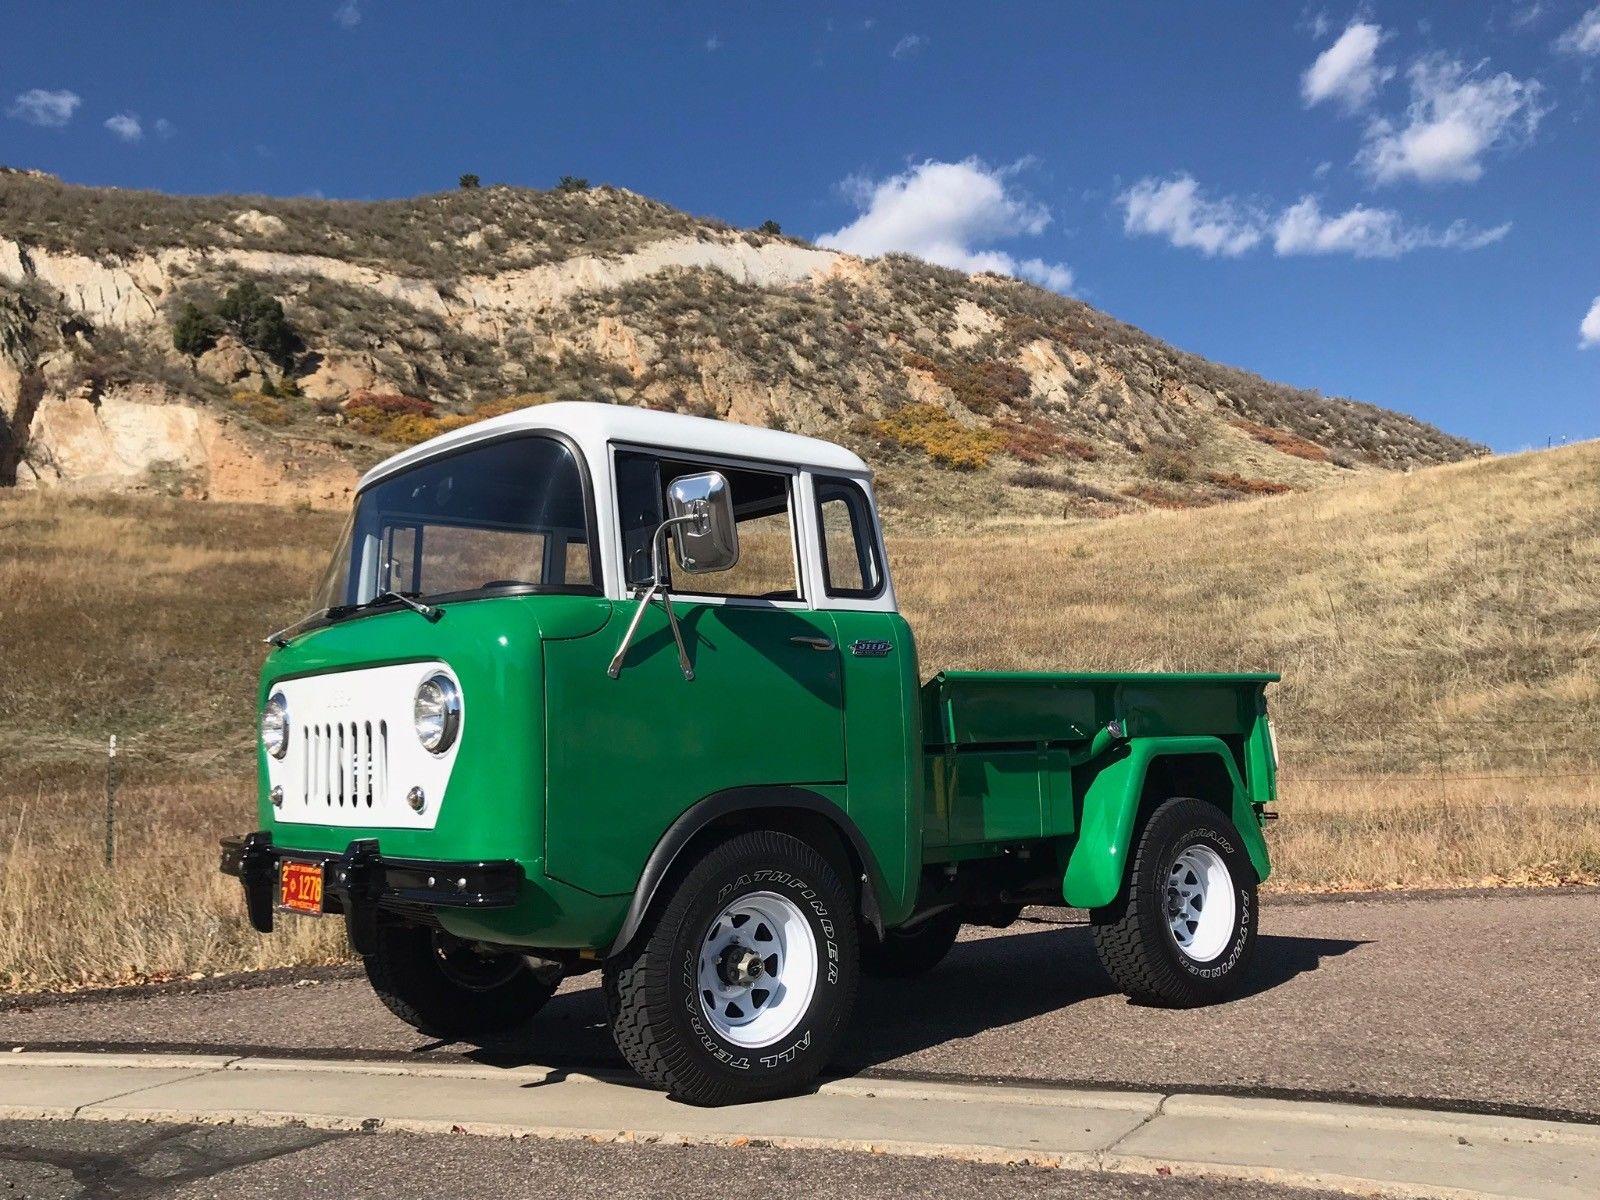 jeep fc 150 28 images jeep fc150 concept vehicle jk forum 1964